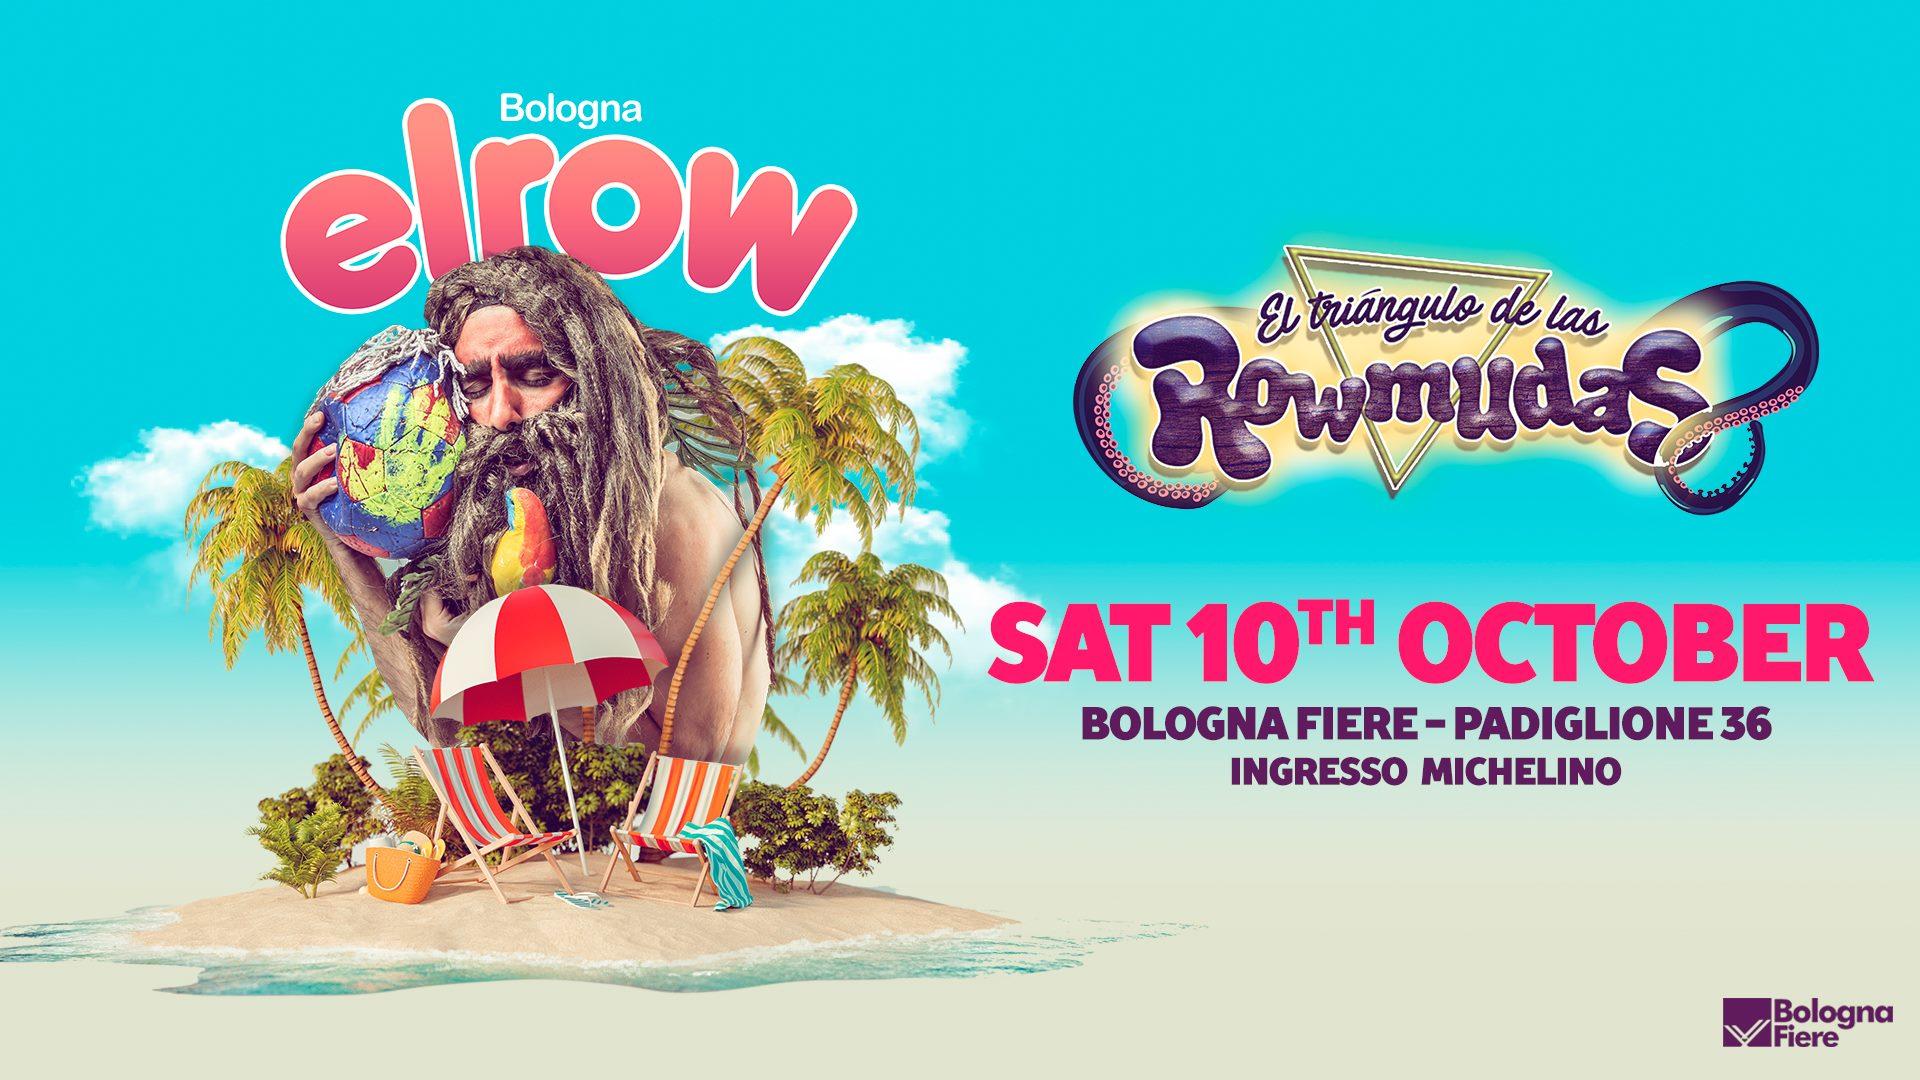 Elrow Bologna 10 Ottobre 2020 – Fiera di Bologna -Ticket Biglietti 18app Tavoli Pacchetti Hotel